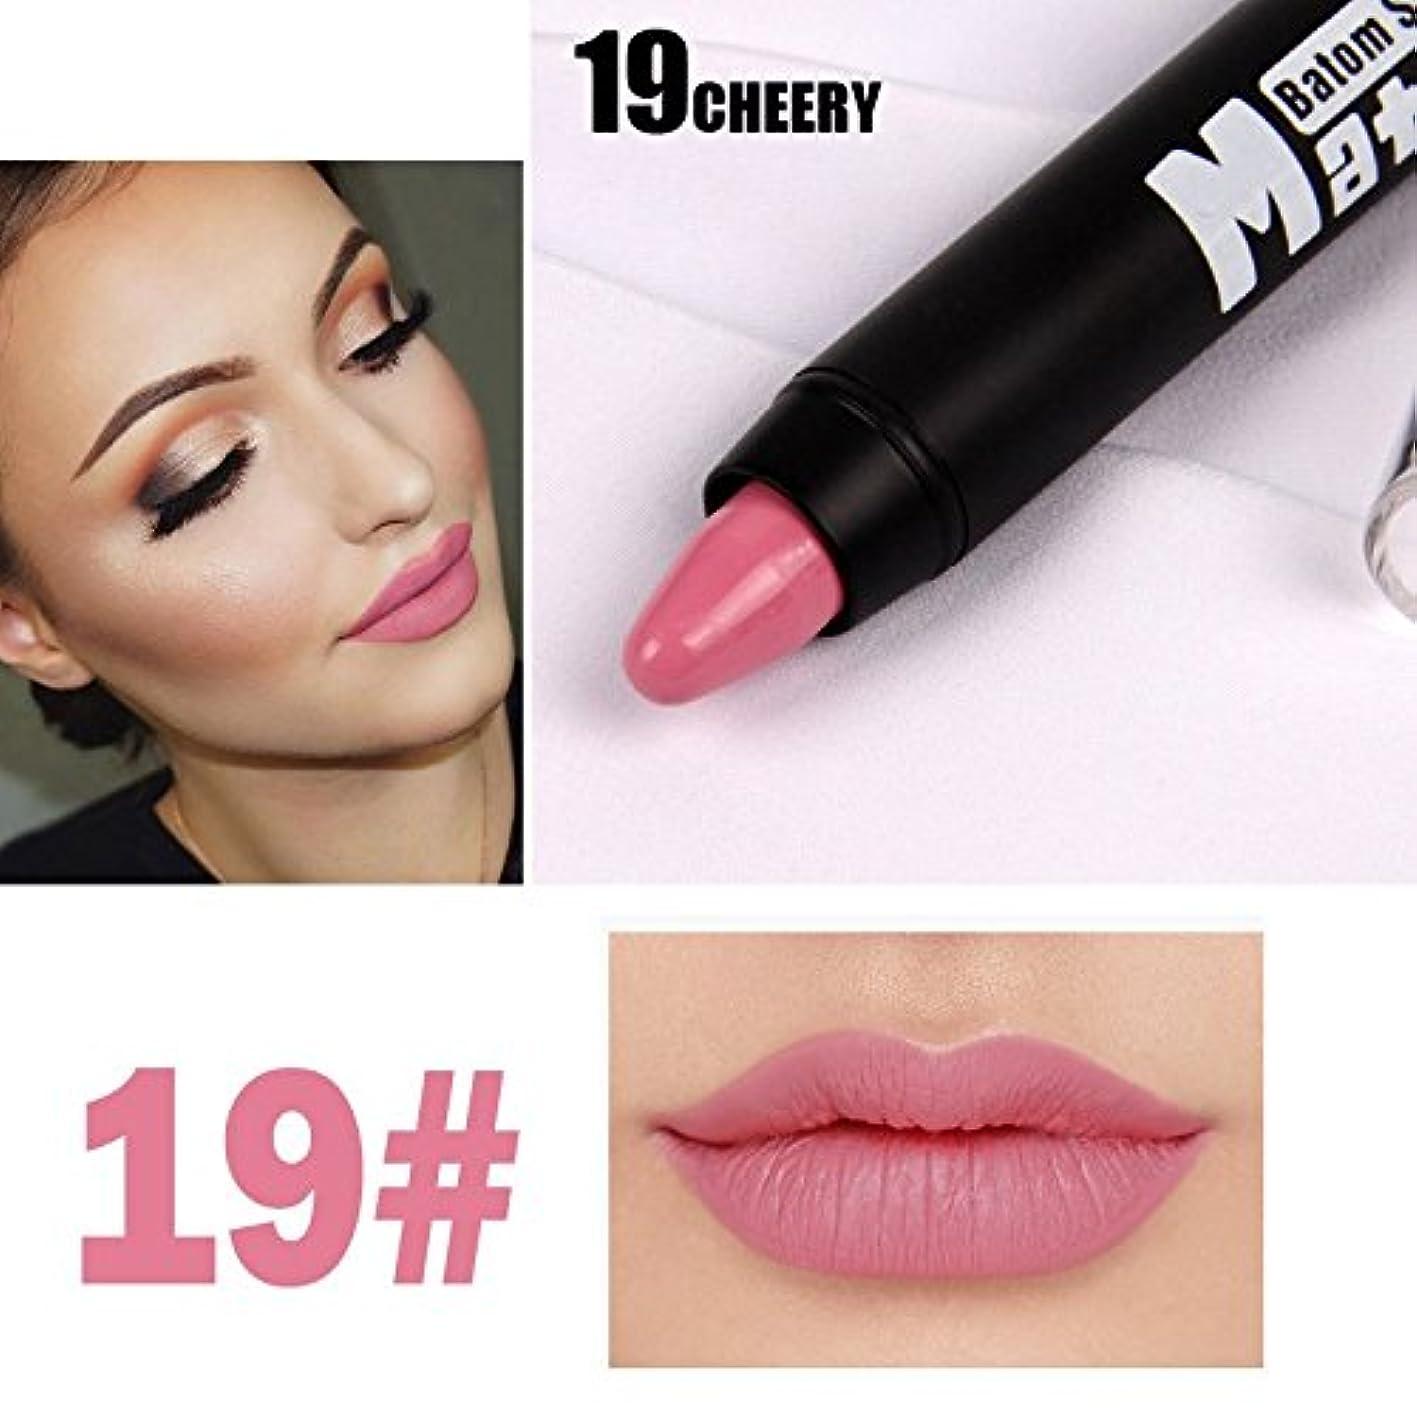 トピックもっと少なくフローティングMISS ROSE Professional Women Waterproof Lipstick Lips Cream Beauty Lote Batom Matte Lipstick Nude Pencils Makeup